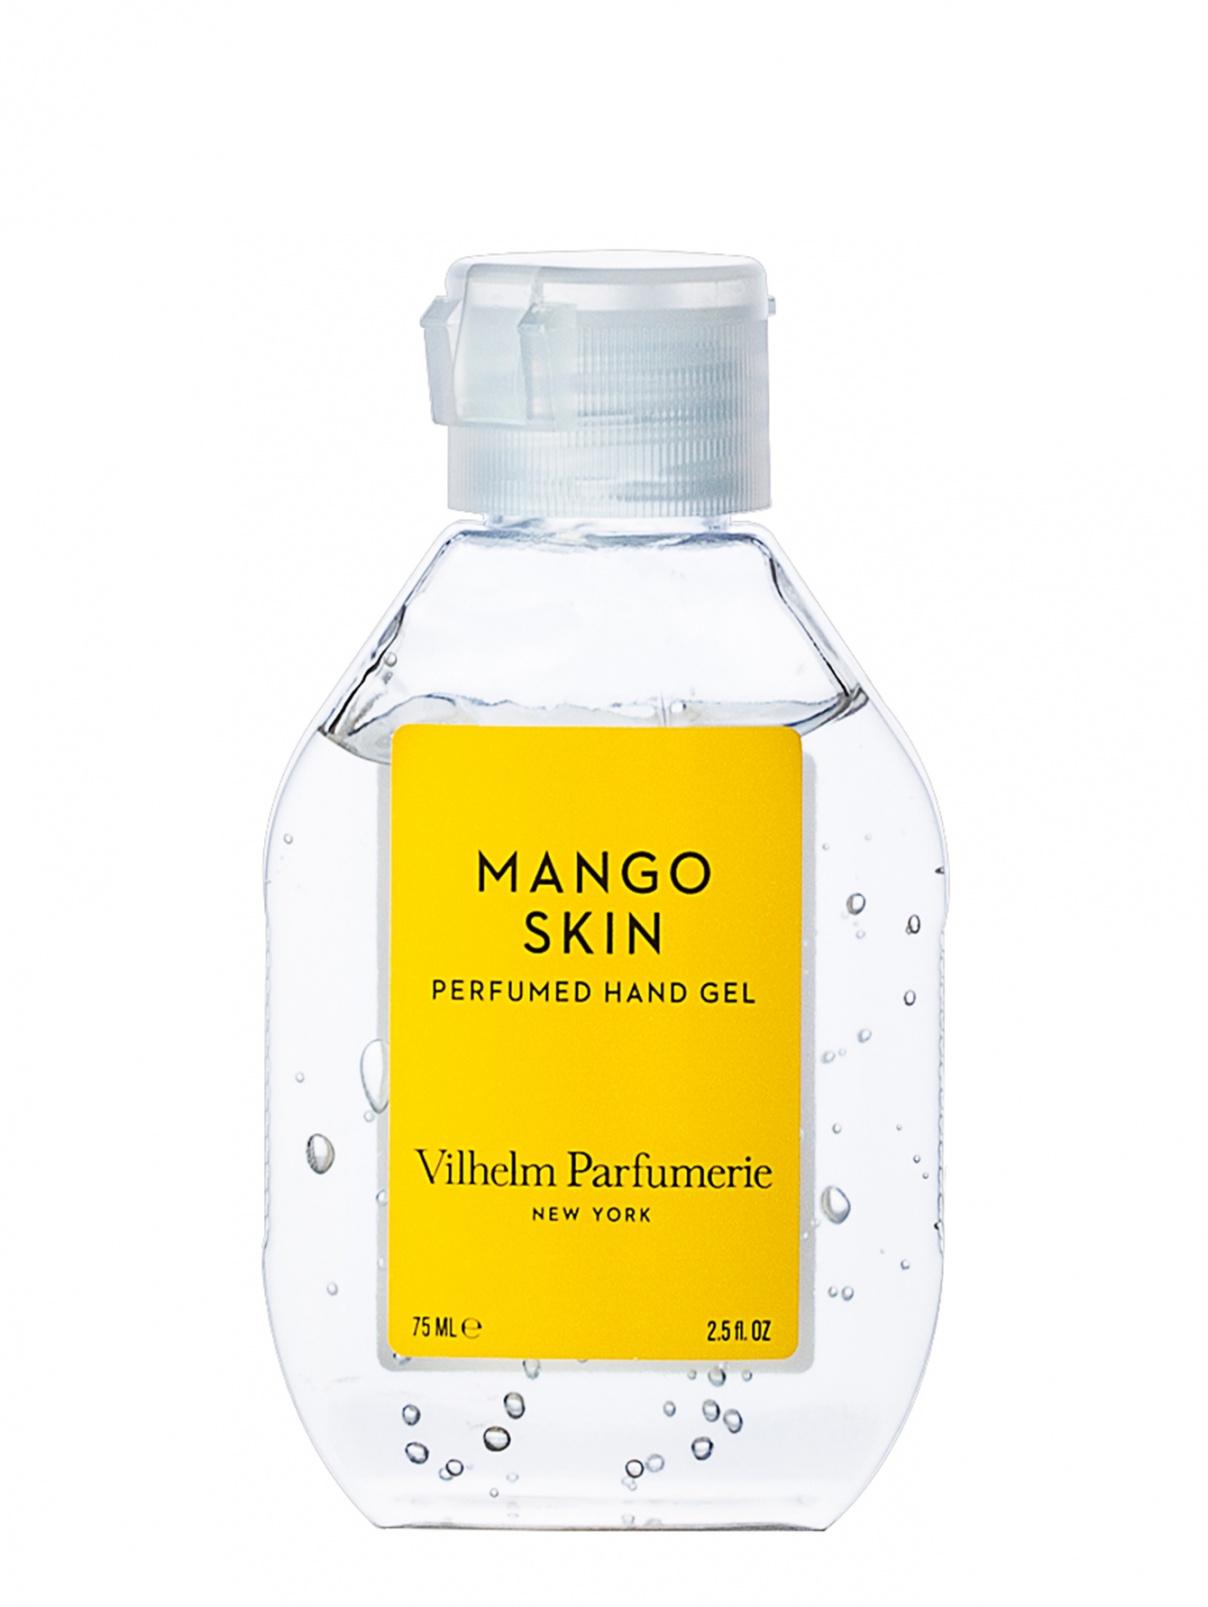 Санитайзер парфюмированный гель для рук Mango Skin, 75 мл Vilhelm Parfumerie  –  Общий вид